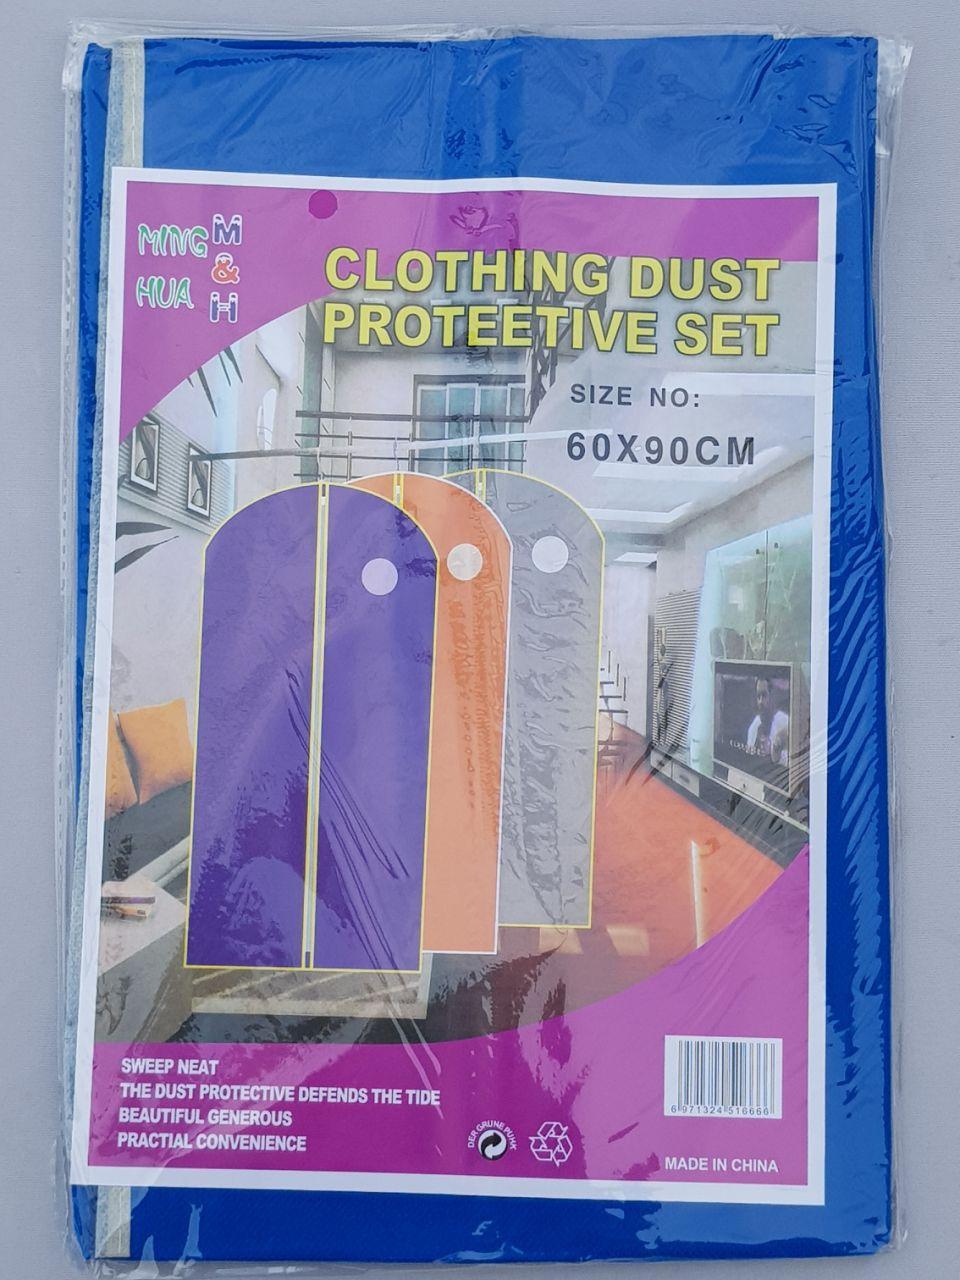 Чехол для хранения одежды флизелиновый на молнии голубого цвета, размер 60*90 см